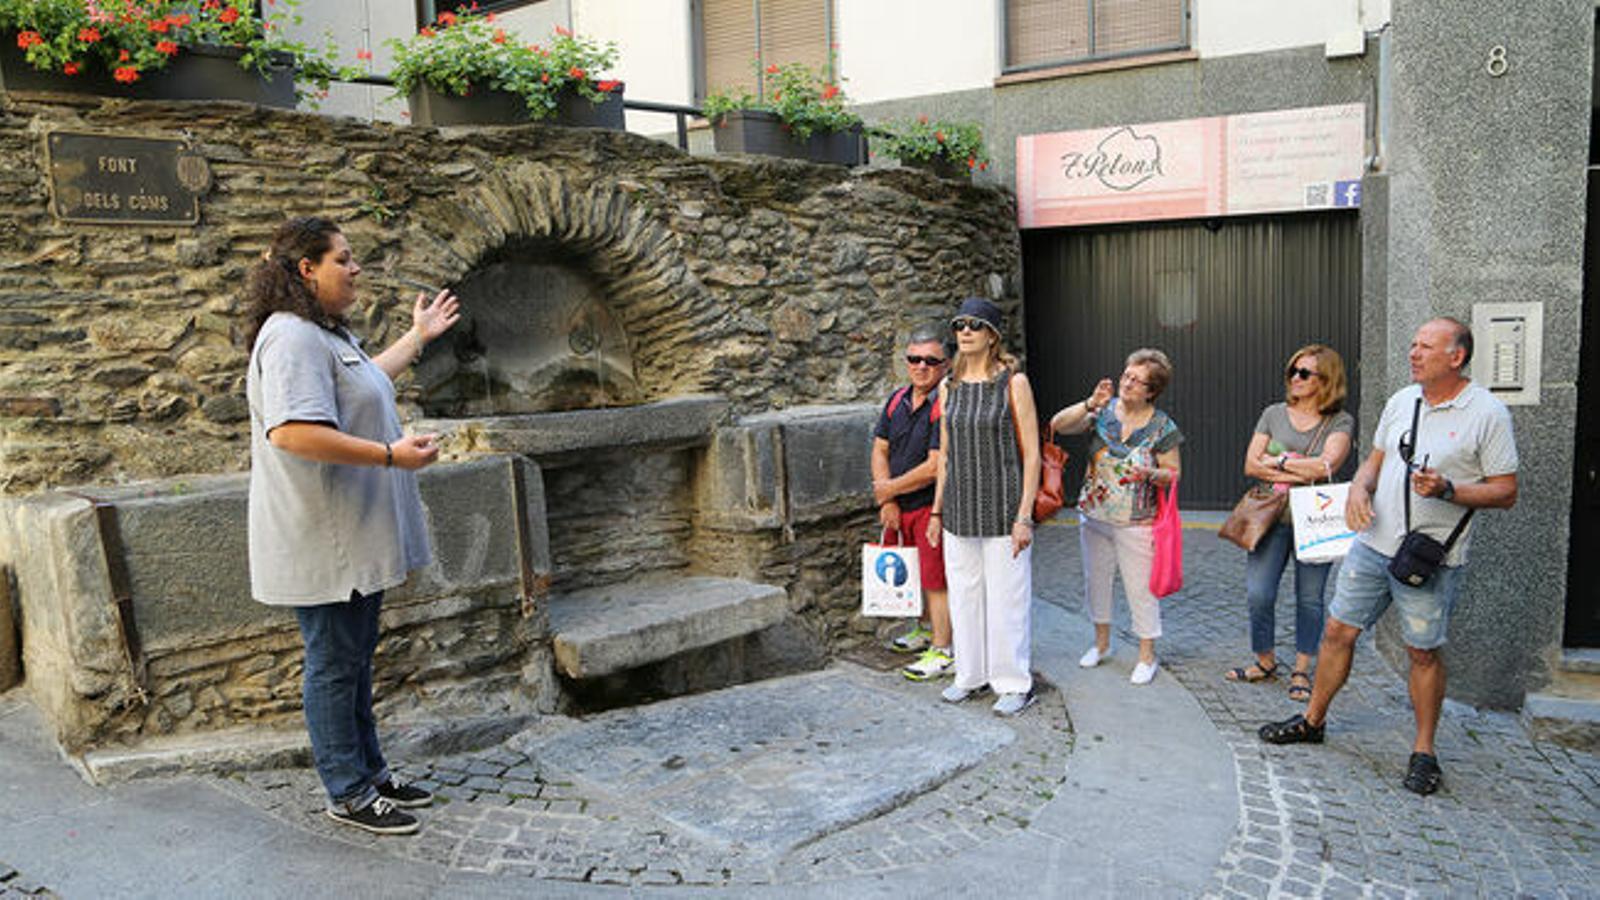 Turistes visiten la Font dels Coms. / COMÚ DE SANT JULIÀ